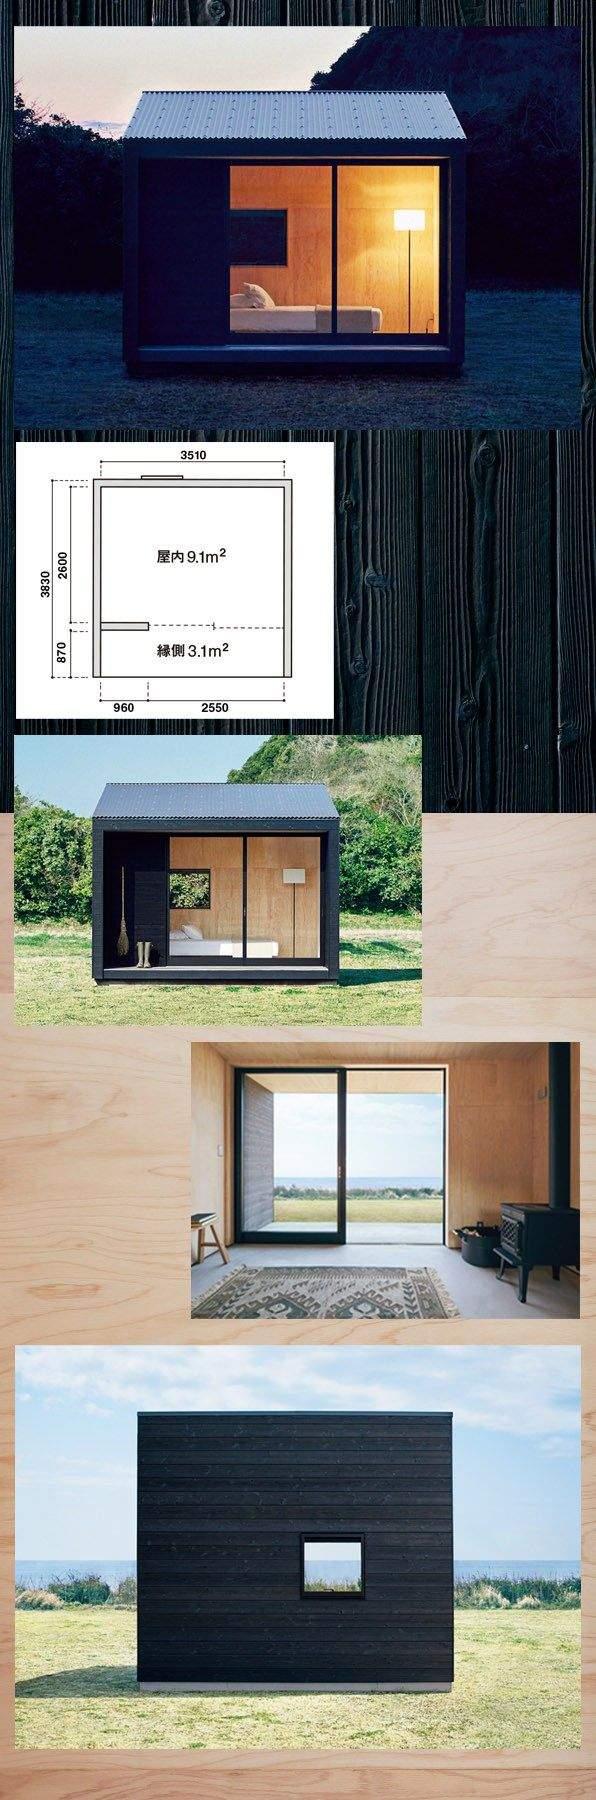 Garten Gewächshaus Inspirierend 291 Besten Small House Bilder Auf Pinterest